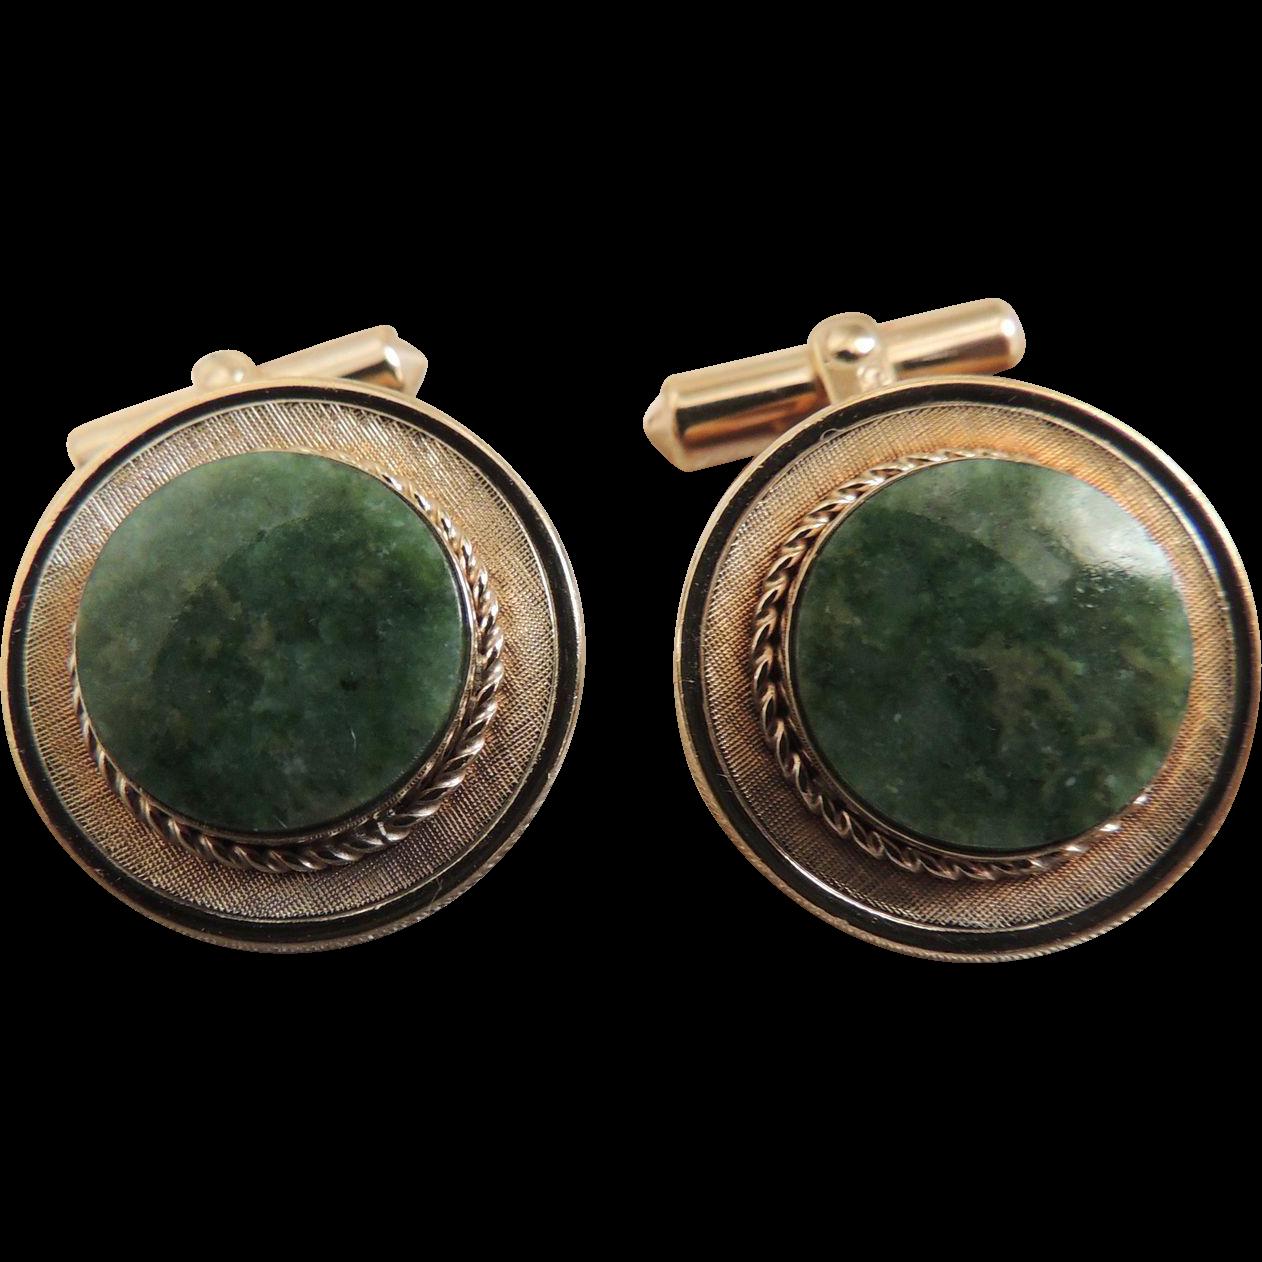 Cufflinks Christian Dior Green Jade Gold Filled c1980's